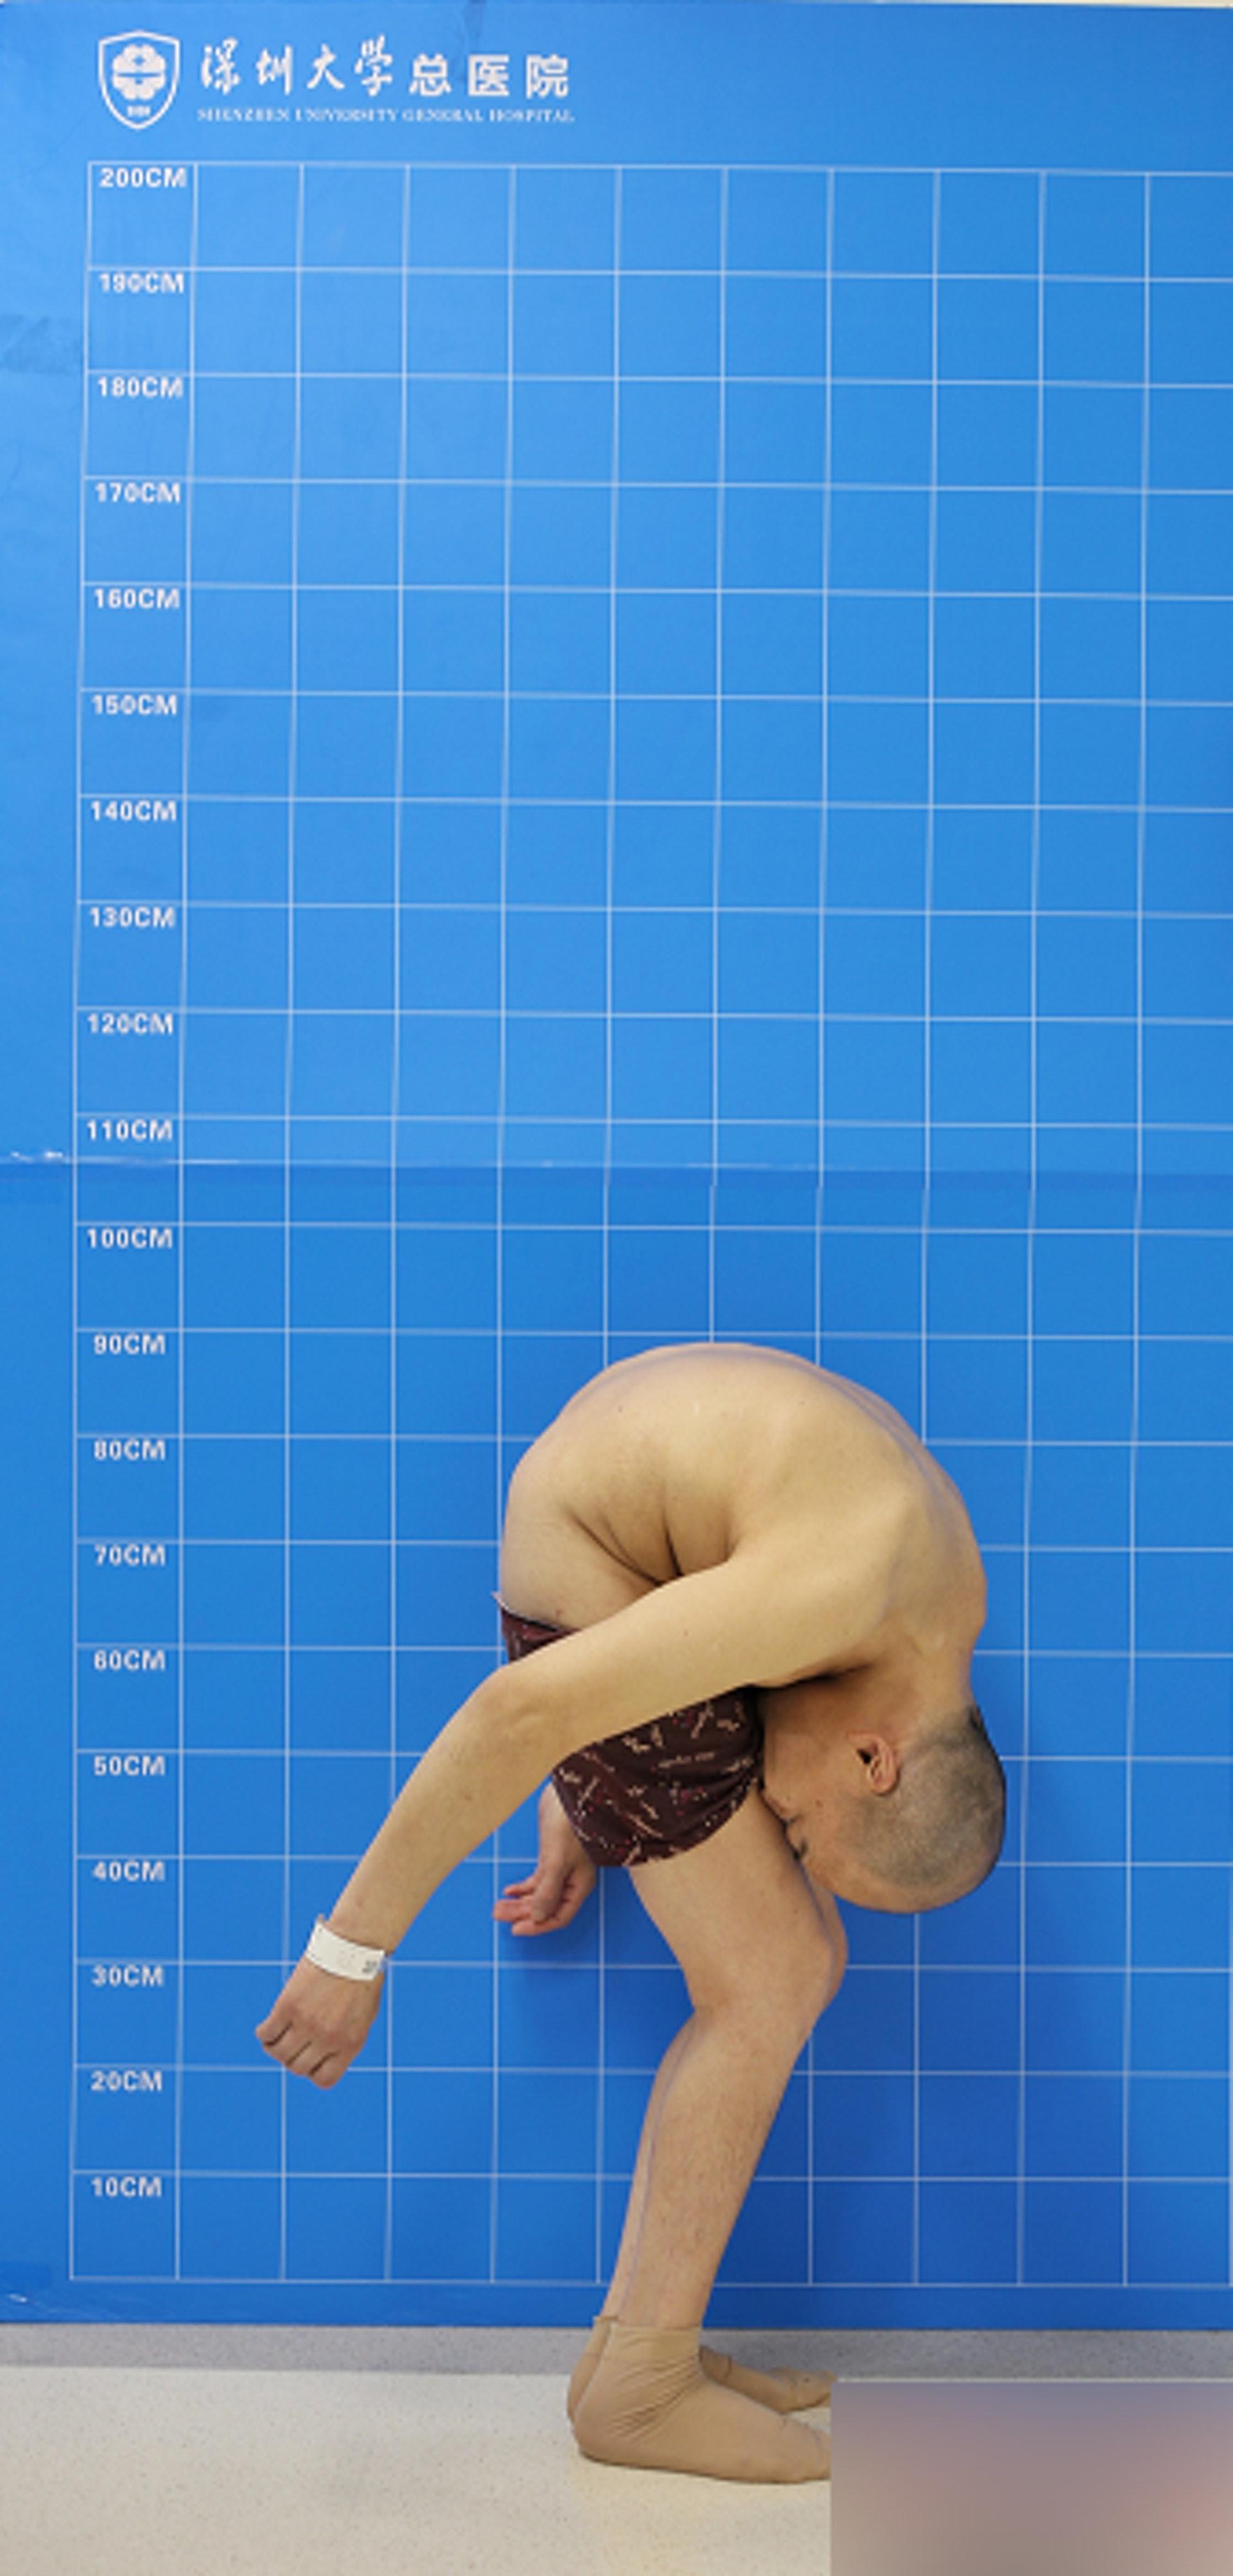 自從患病以來,李華的身體更呈現完全摺疊狀態,無法直立行走或平躺睡覺。(網上圖片)